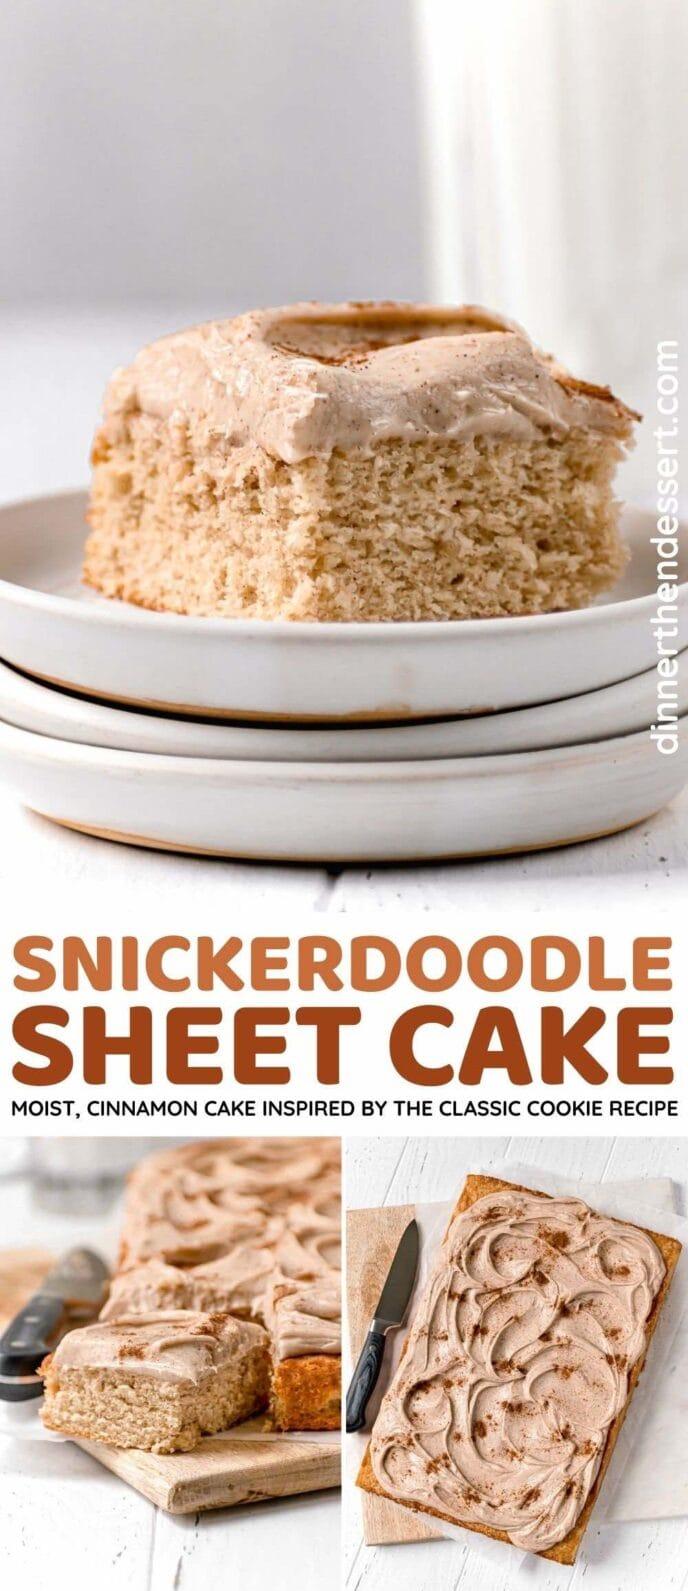 Snickerdoodle Sheet Cake